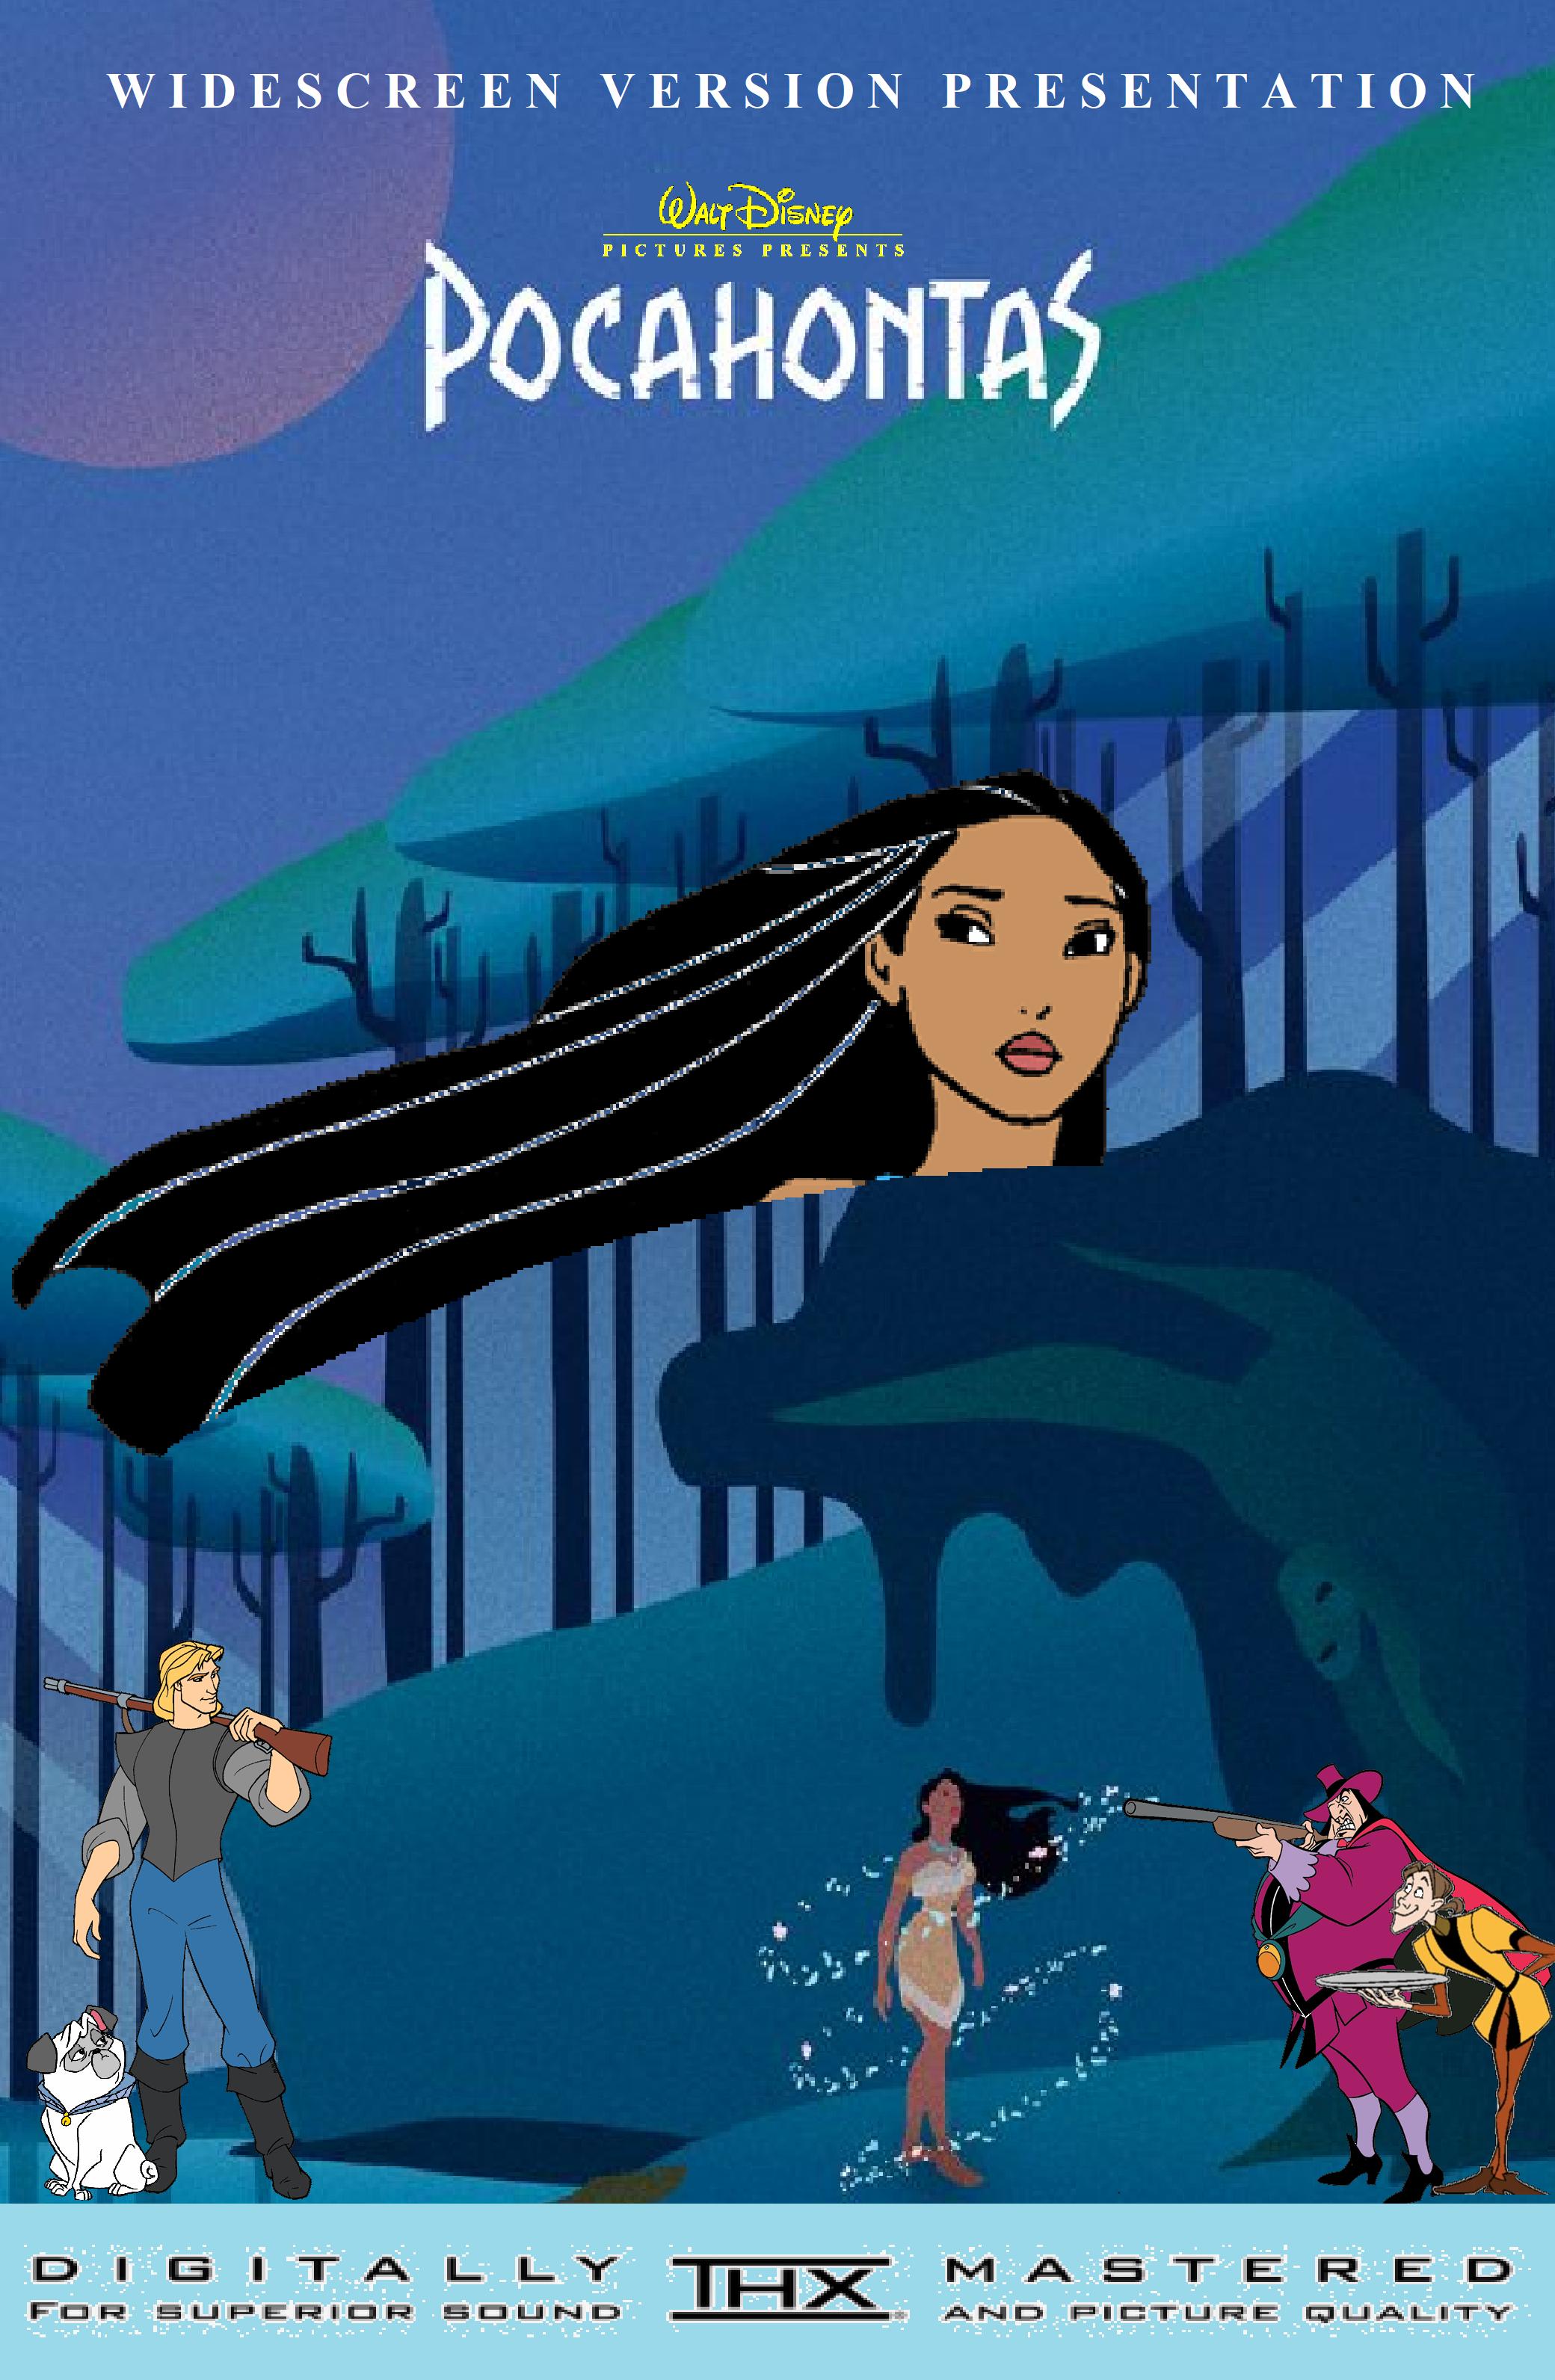 Pocahontas (2002 Widescreen VHS/DVD)